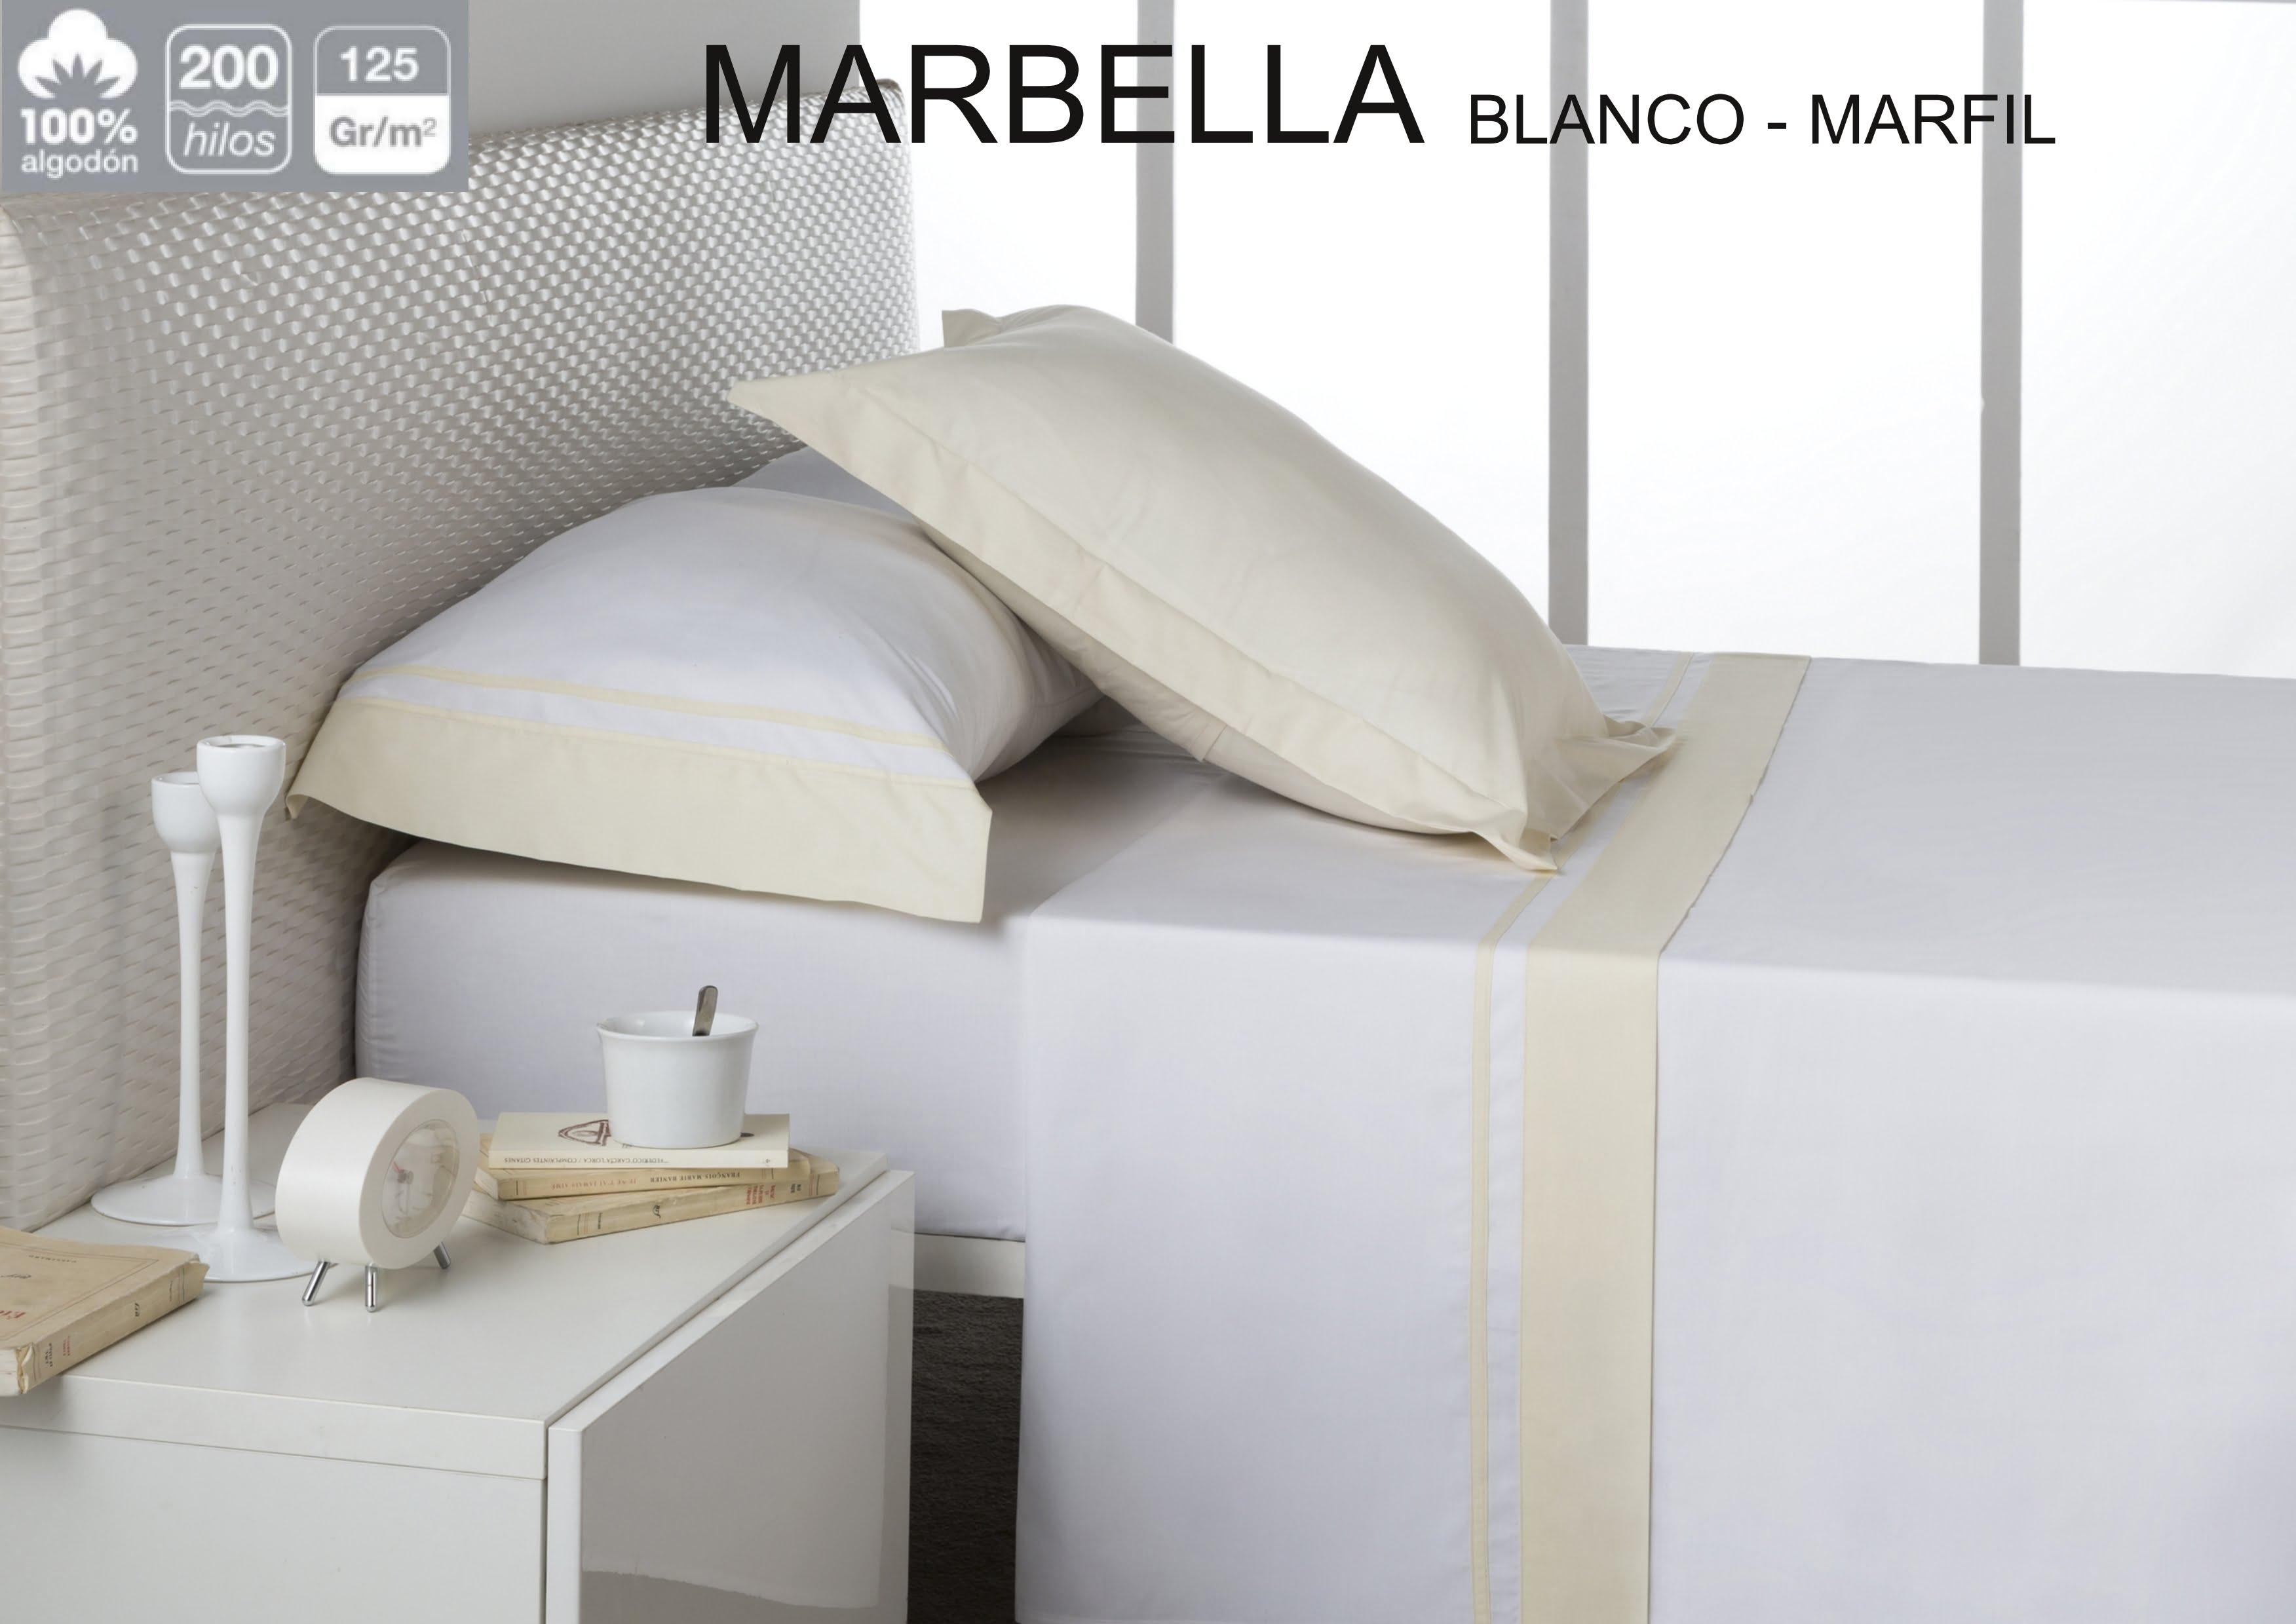 Juego Sábanas Estela Marbella Blanco-Marfil